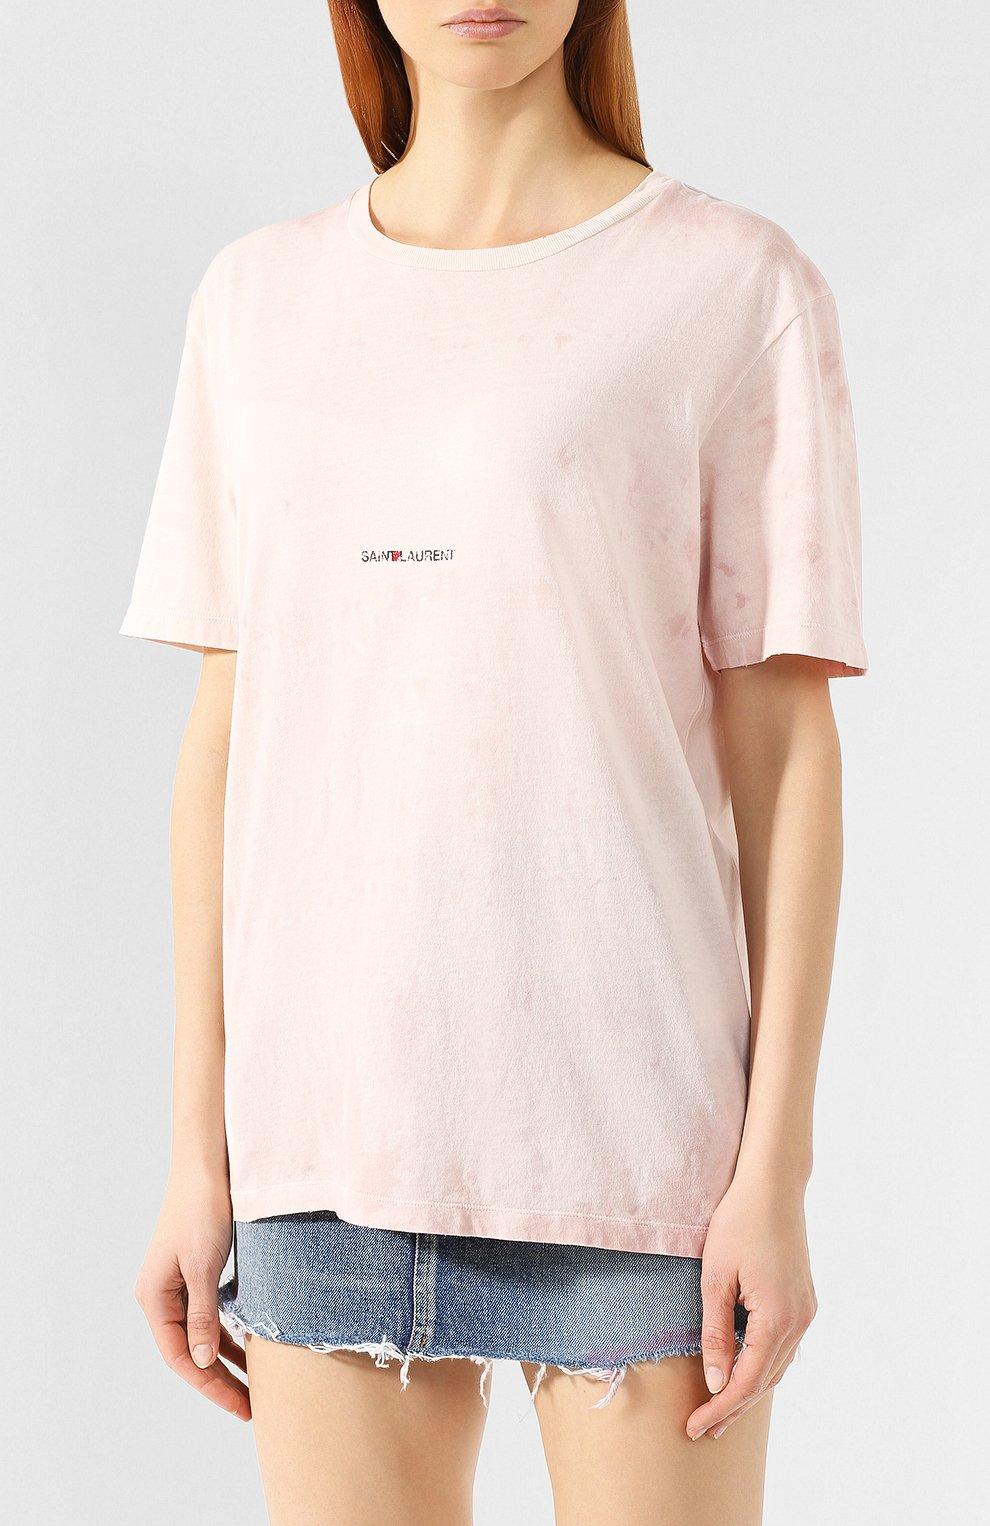 Хлопковая футболка Saint Laurent розовая | Фото №3